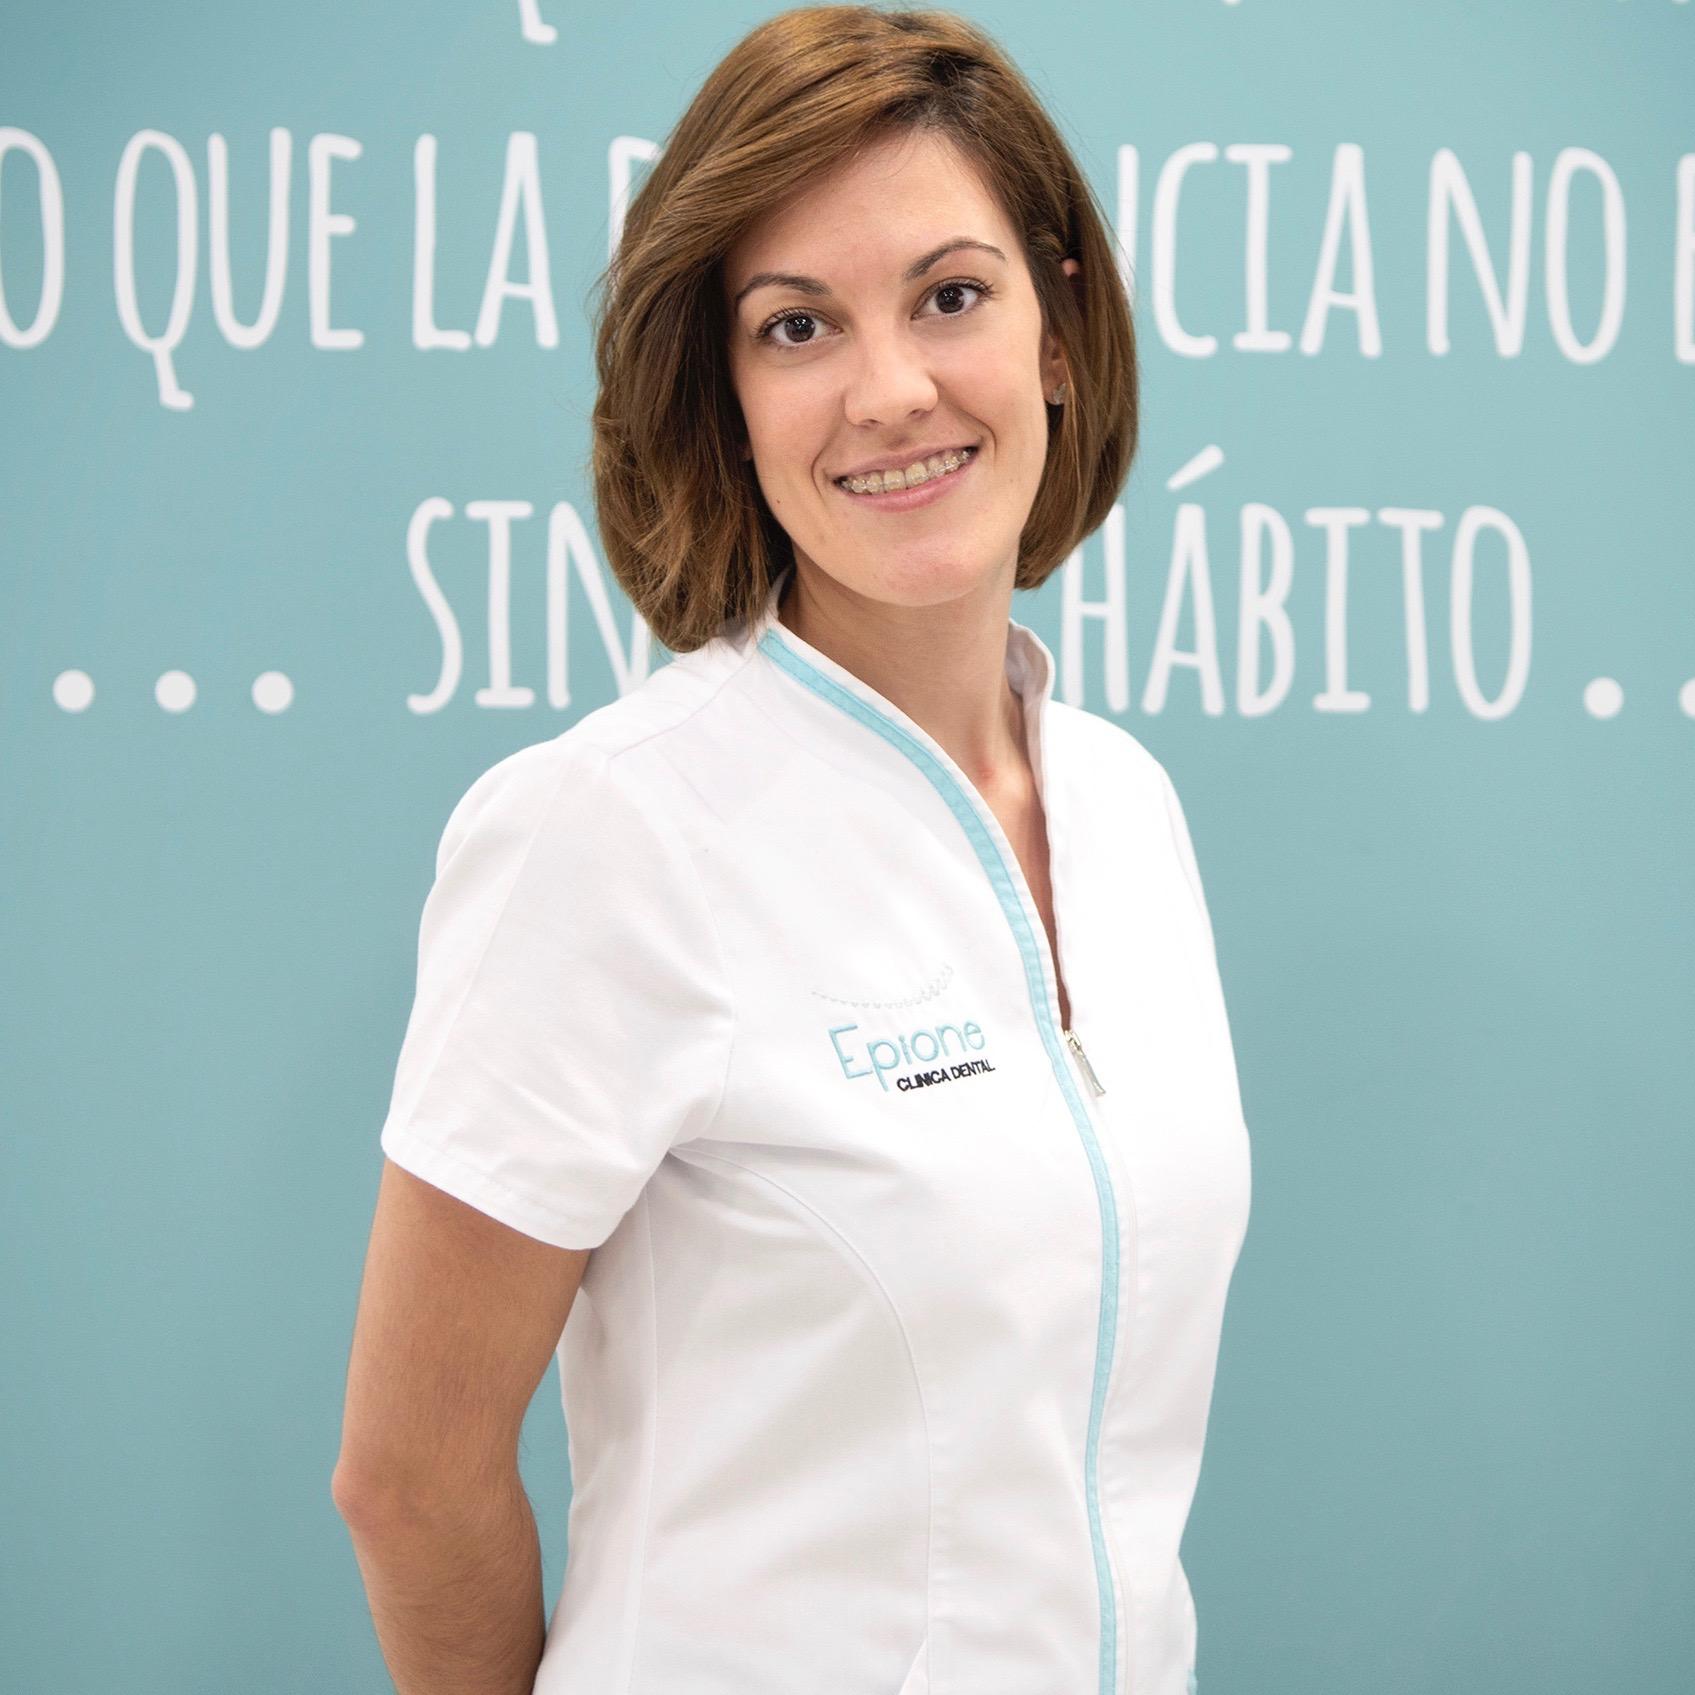 Tamara Varona Yubero